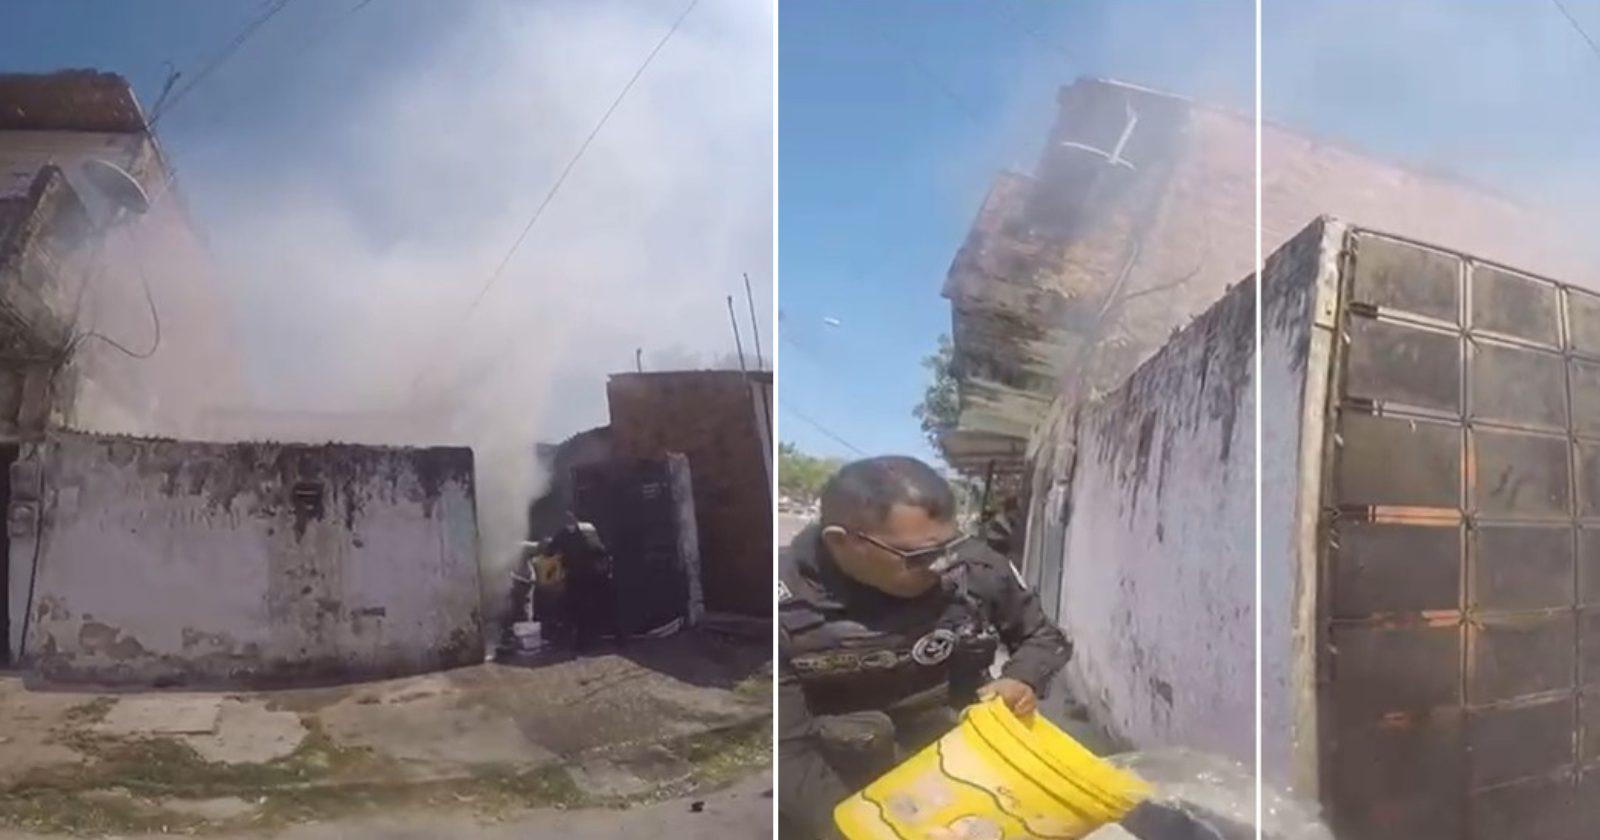 Policial carrega idoso desacordado de casa em chamas